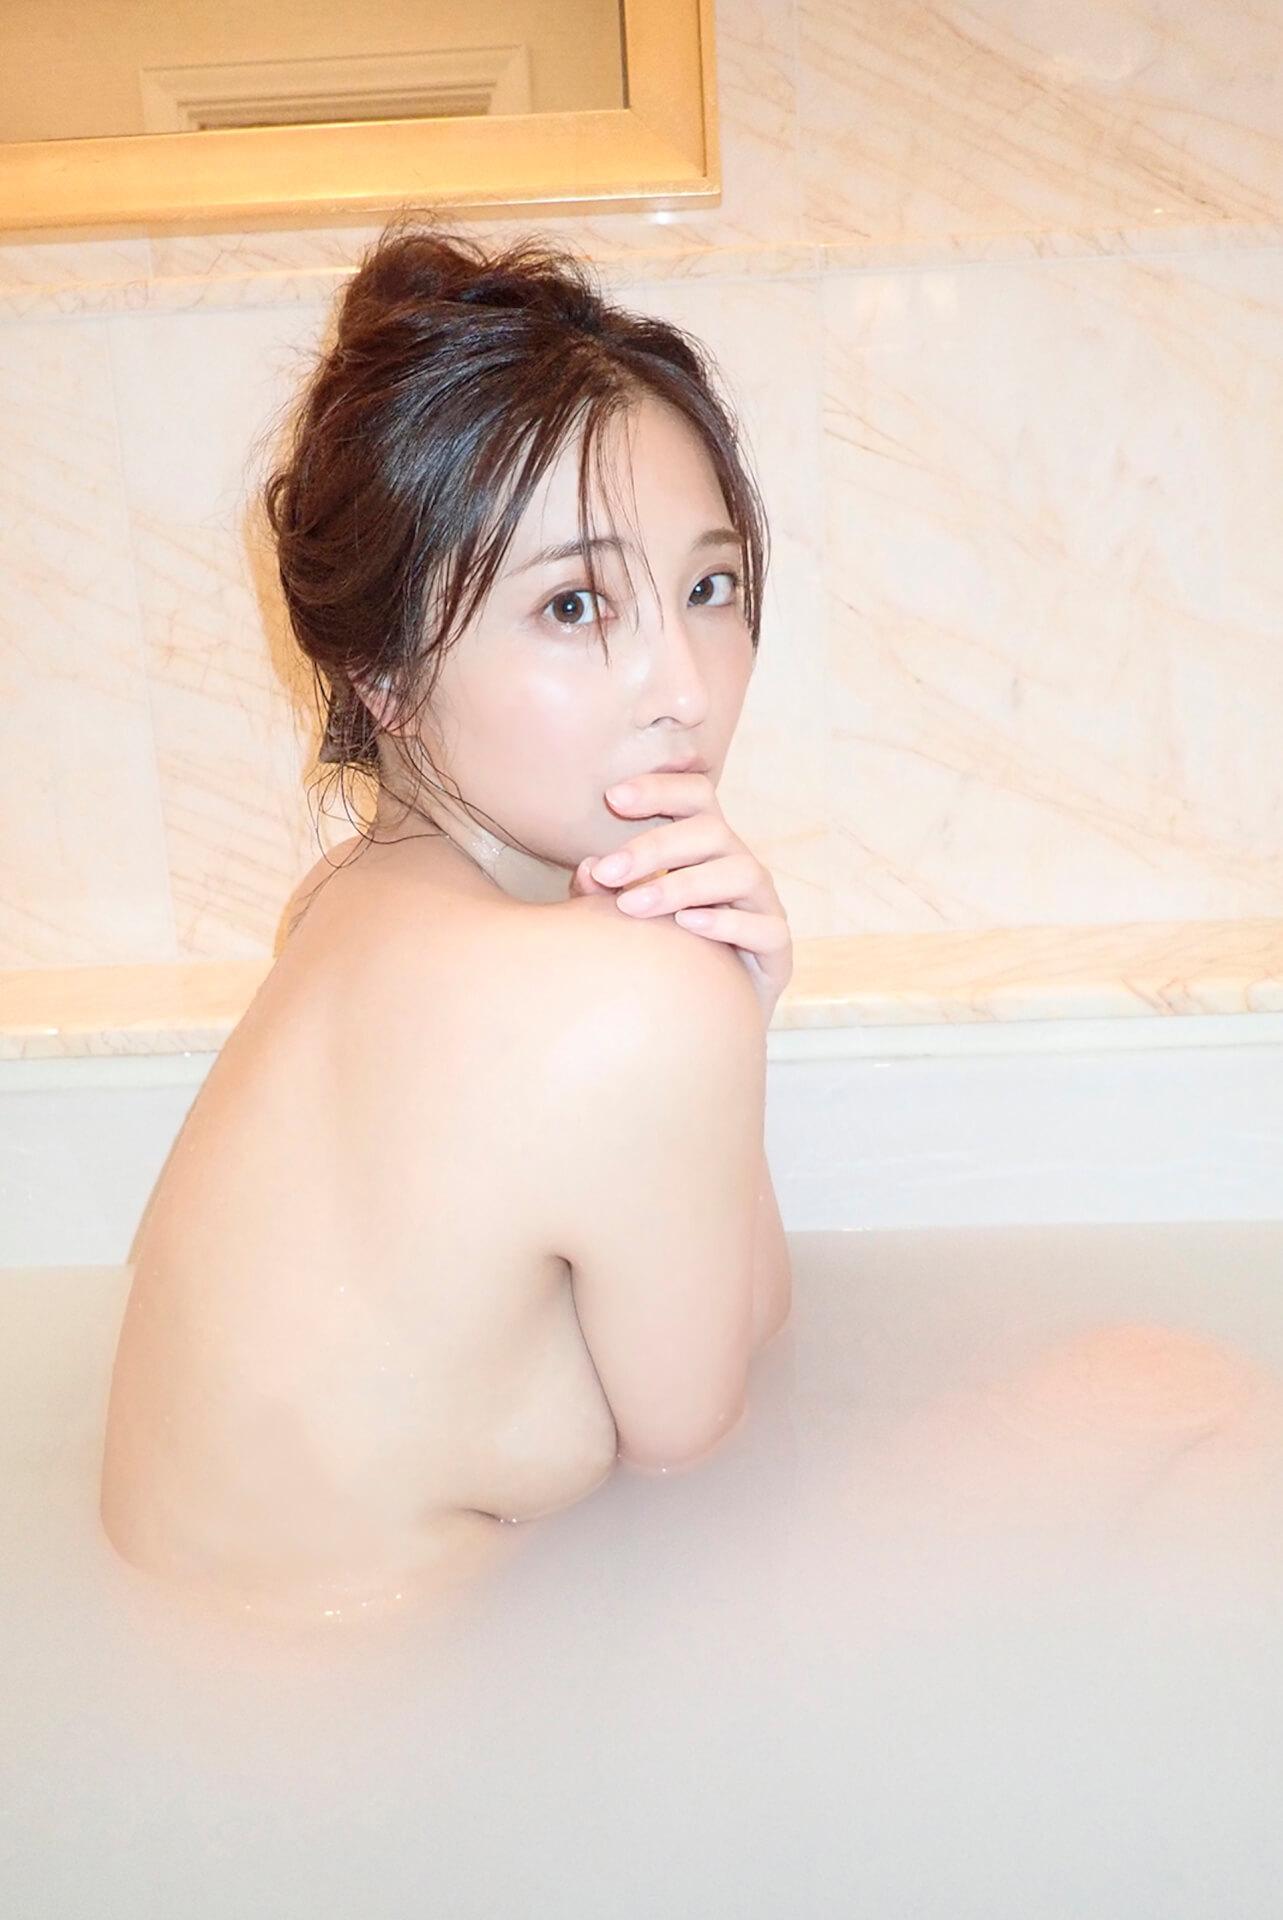 妖艶な魅力を放つ大石絵理がセミヌードにも挑戦した1st写真集『honey』の電子版が配信開始! art201222_ohishieri_4